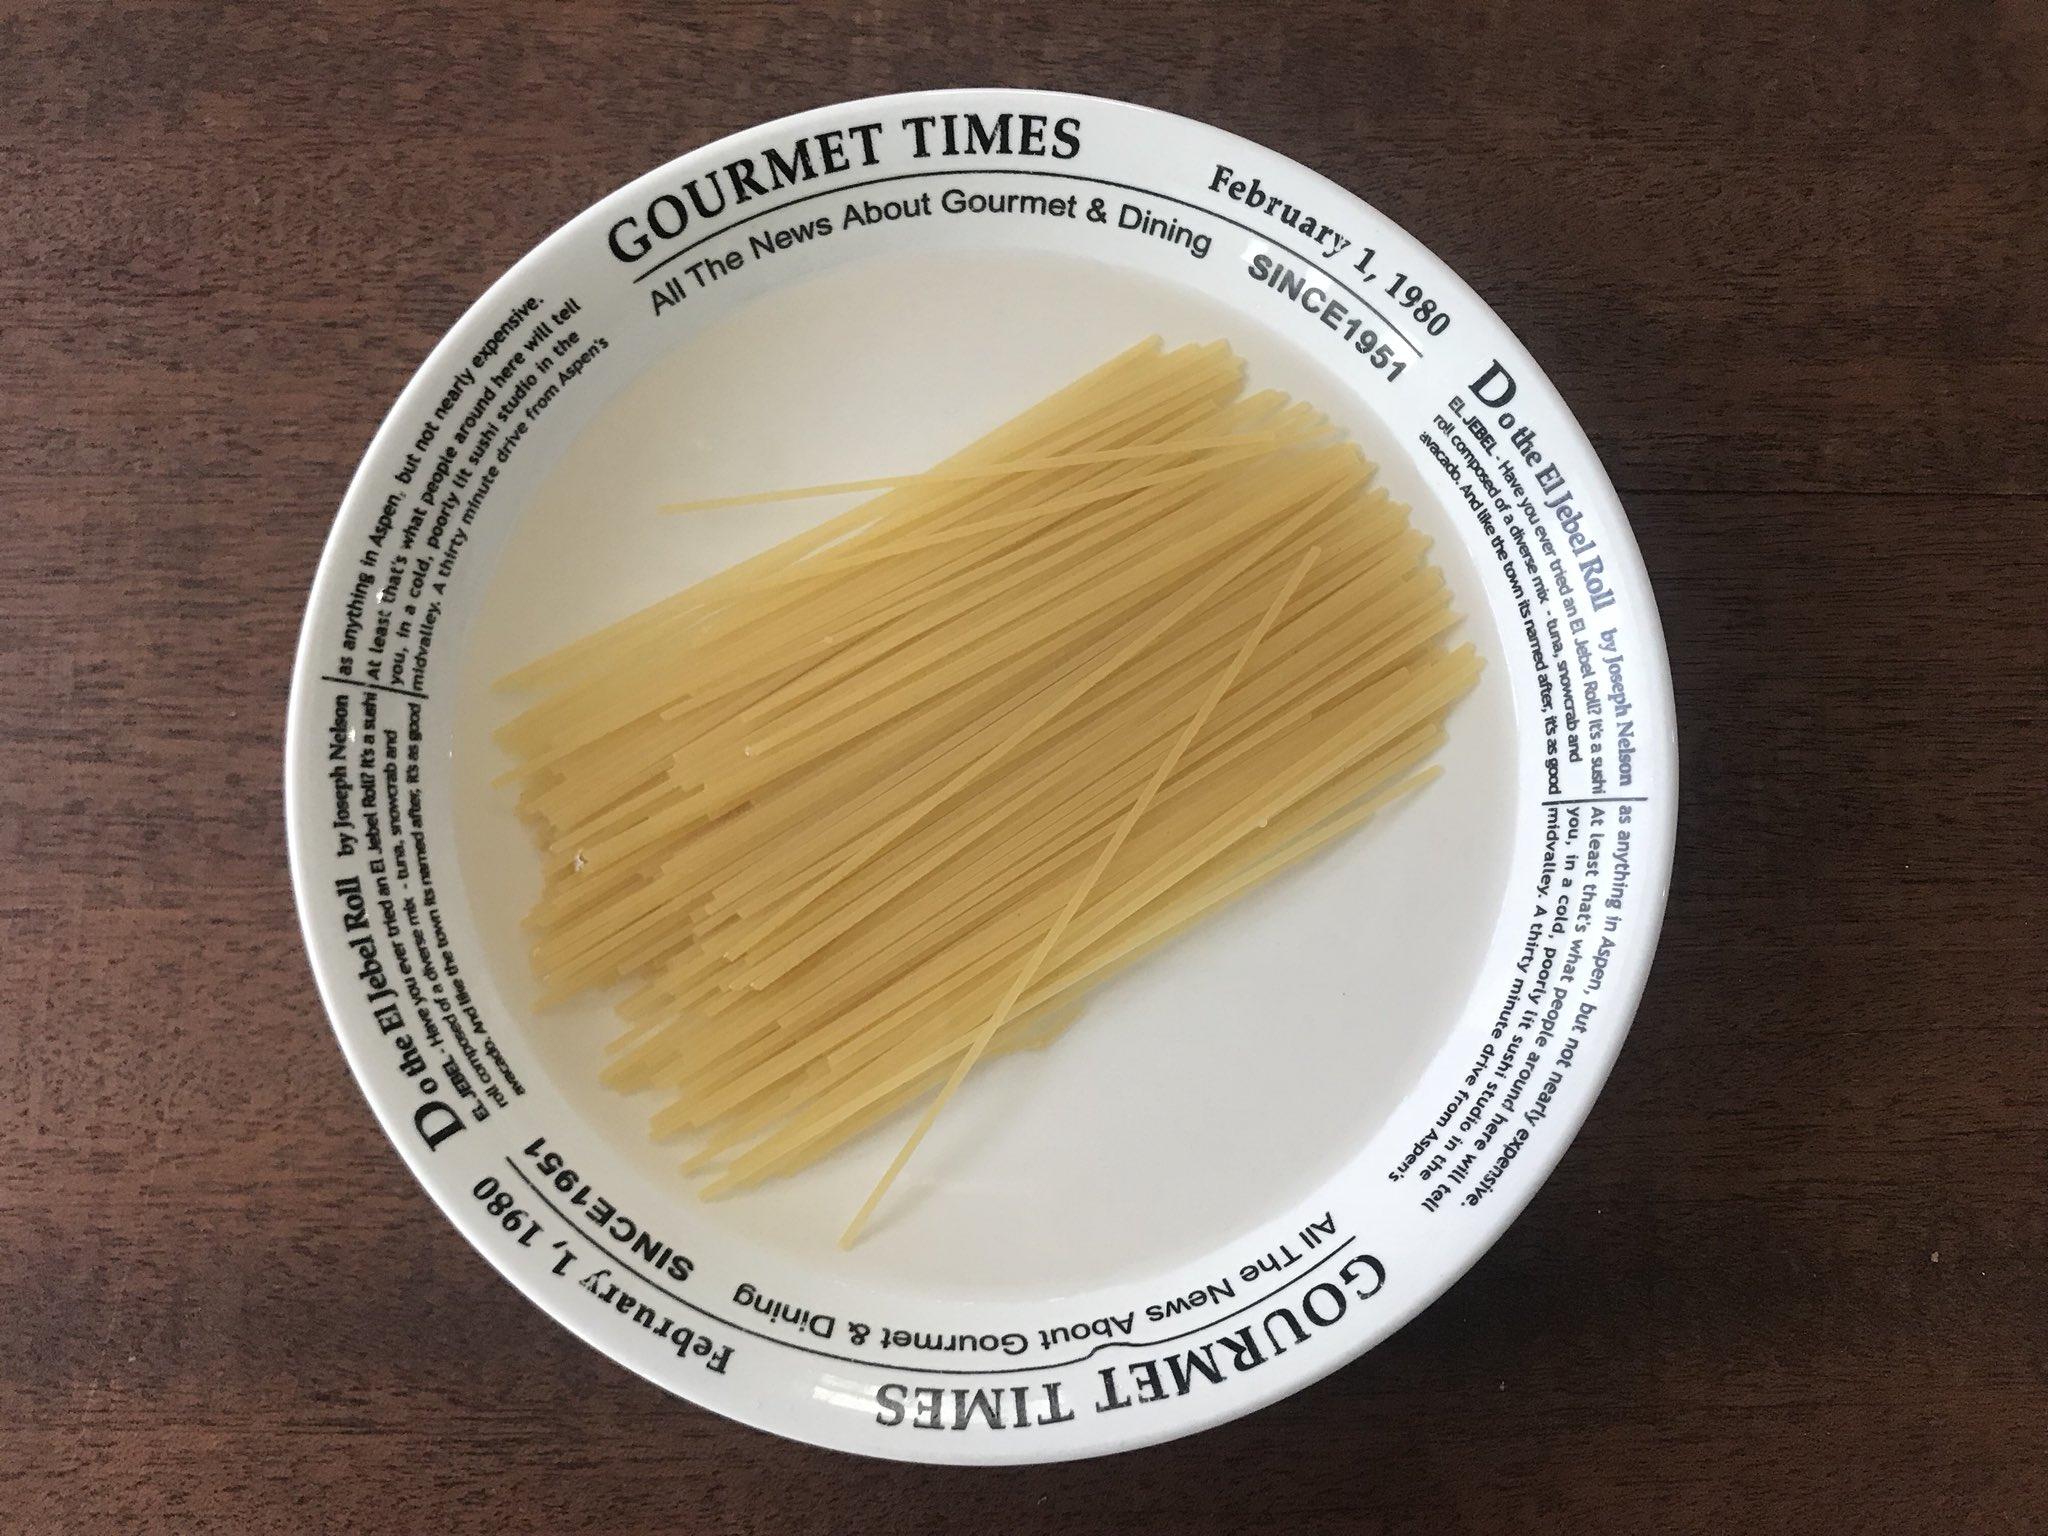 【スパゲティの最高に簡単な茹で方】 耐熱性の器に、半分に折ったパスタ(袋の表示茹で時間が5〜7分のもの)1束(100g)、水260ml、塩少々、オリーブ油かサラダ油小さじ1を入れ、ラップ無しで表示茹で時間+3分チン。 このまま市販のソースをかけたり味付けすればOK! ※器が熱いので注意! ↓